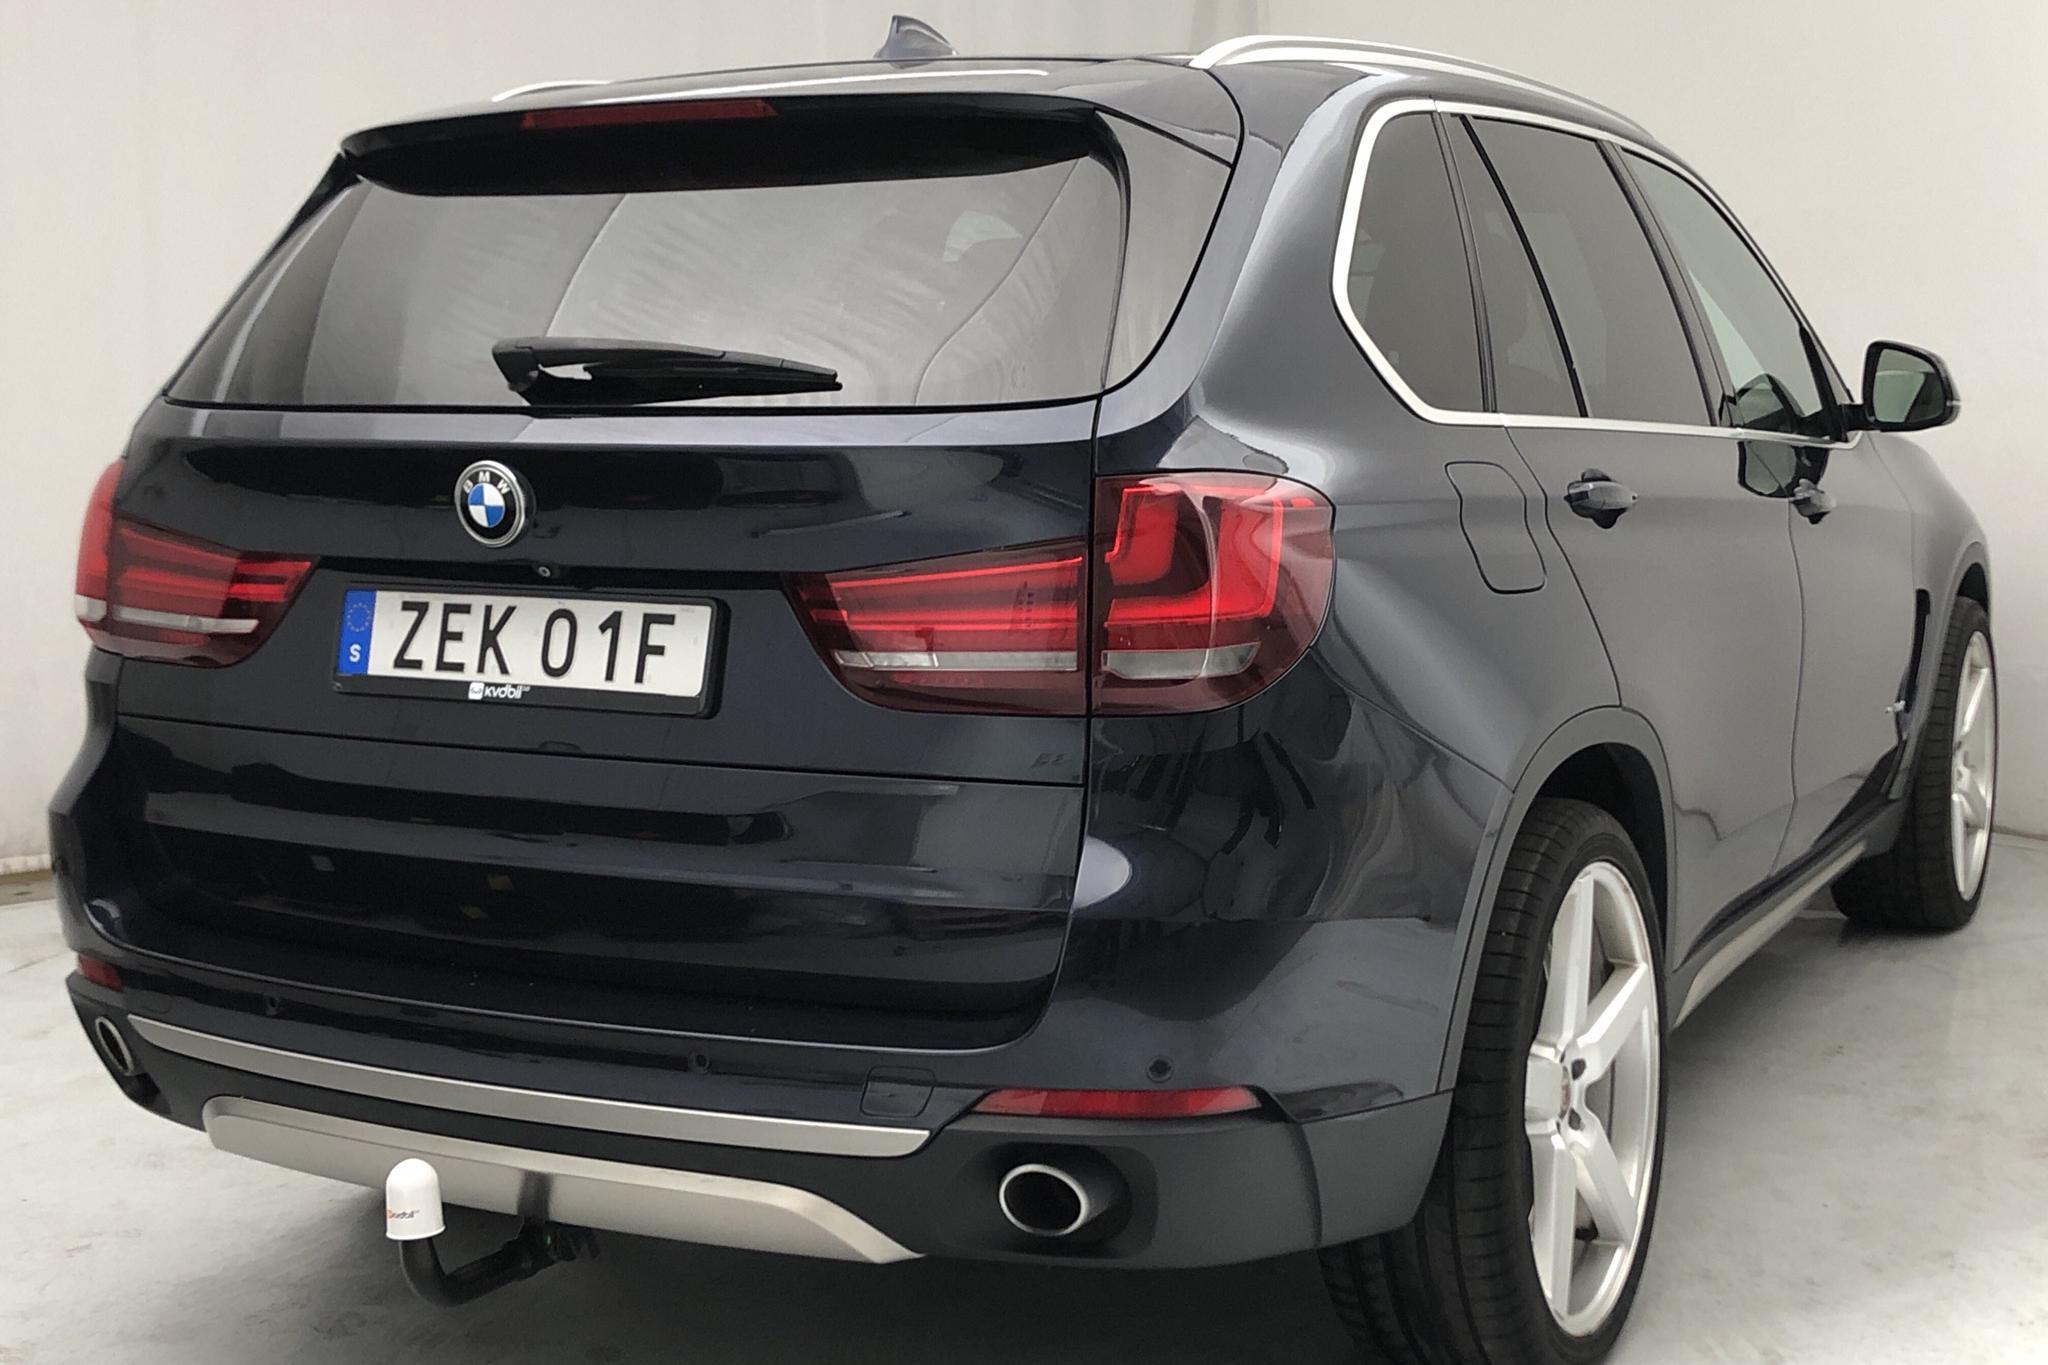 BMW X5 xDrive30d, F15 (258hk) - 177 530 km - Automatic - Dark Blue - 2015